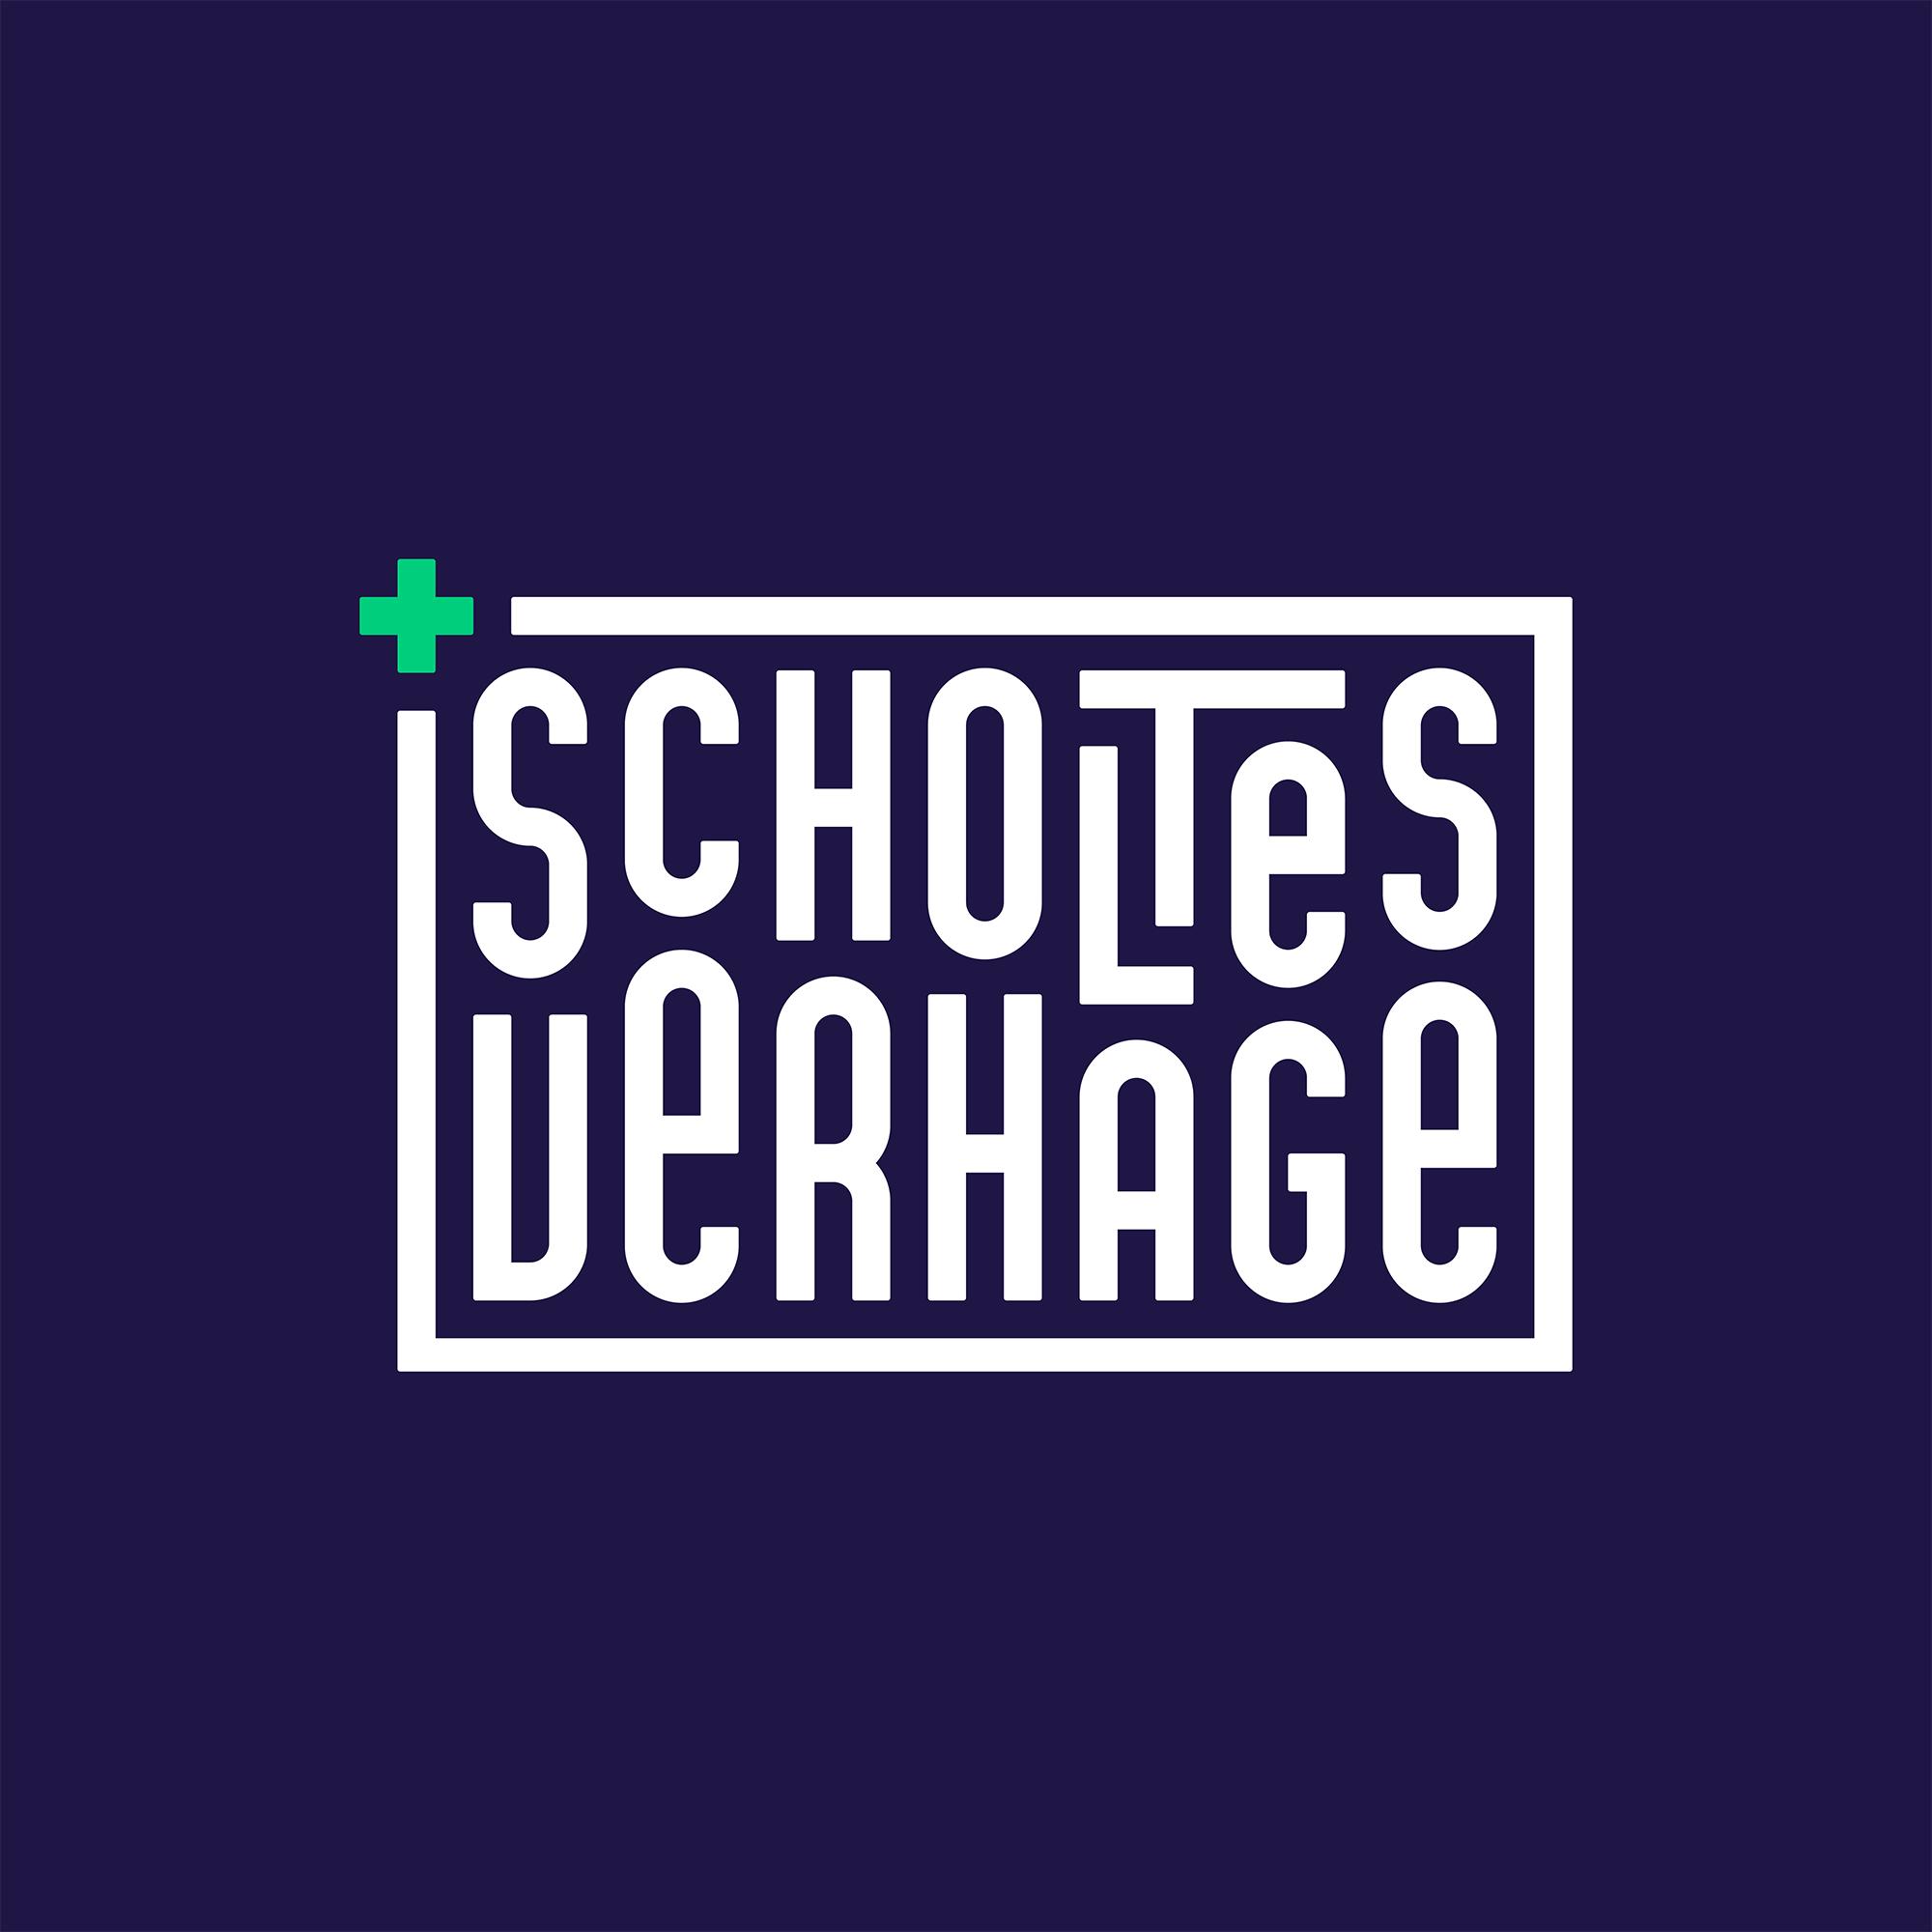 Scholtes Verhage